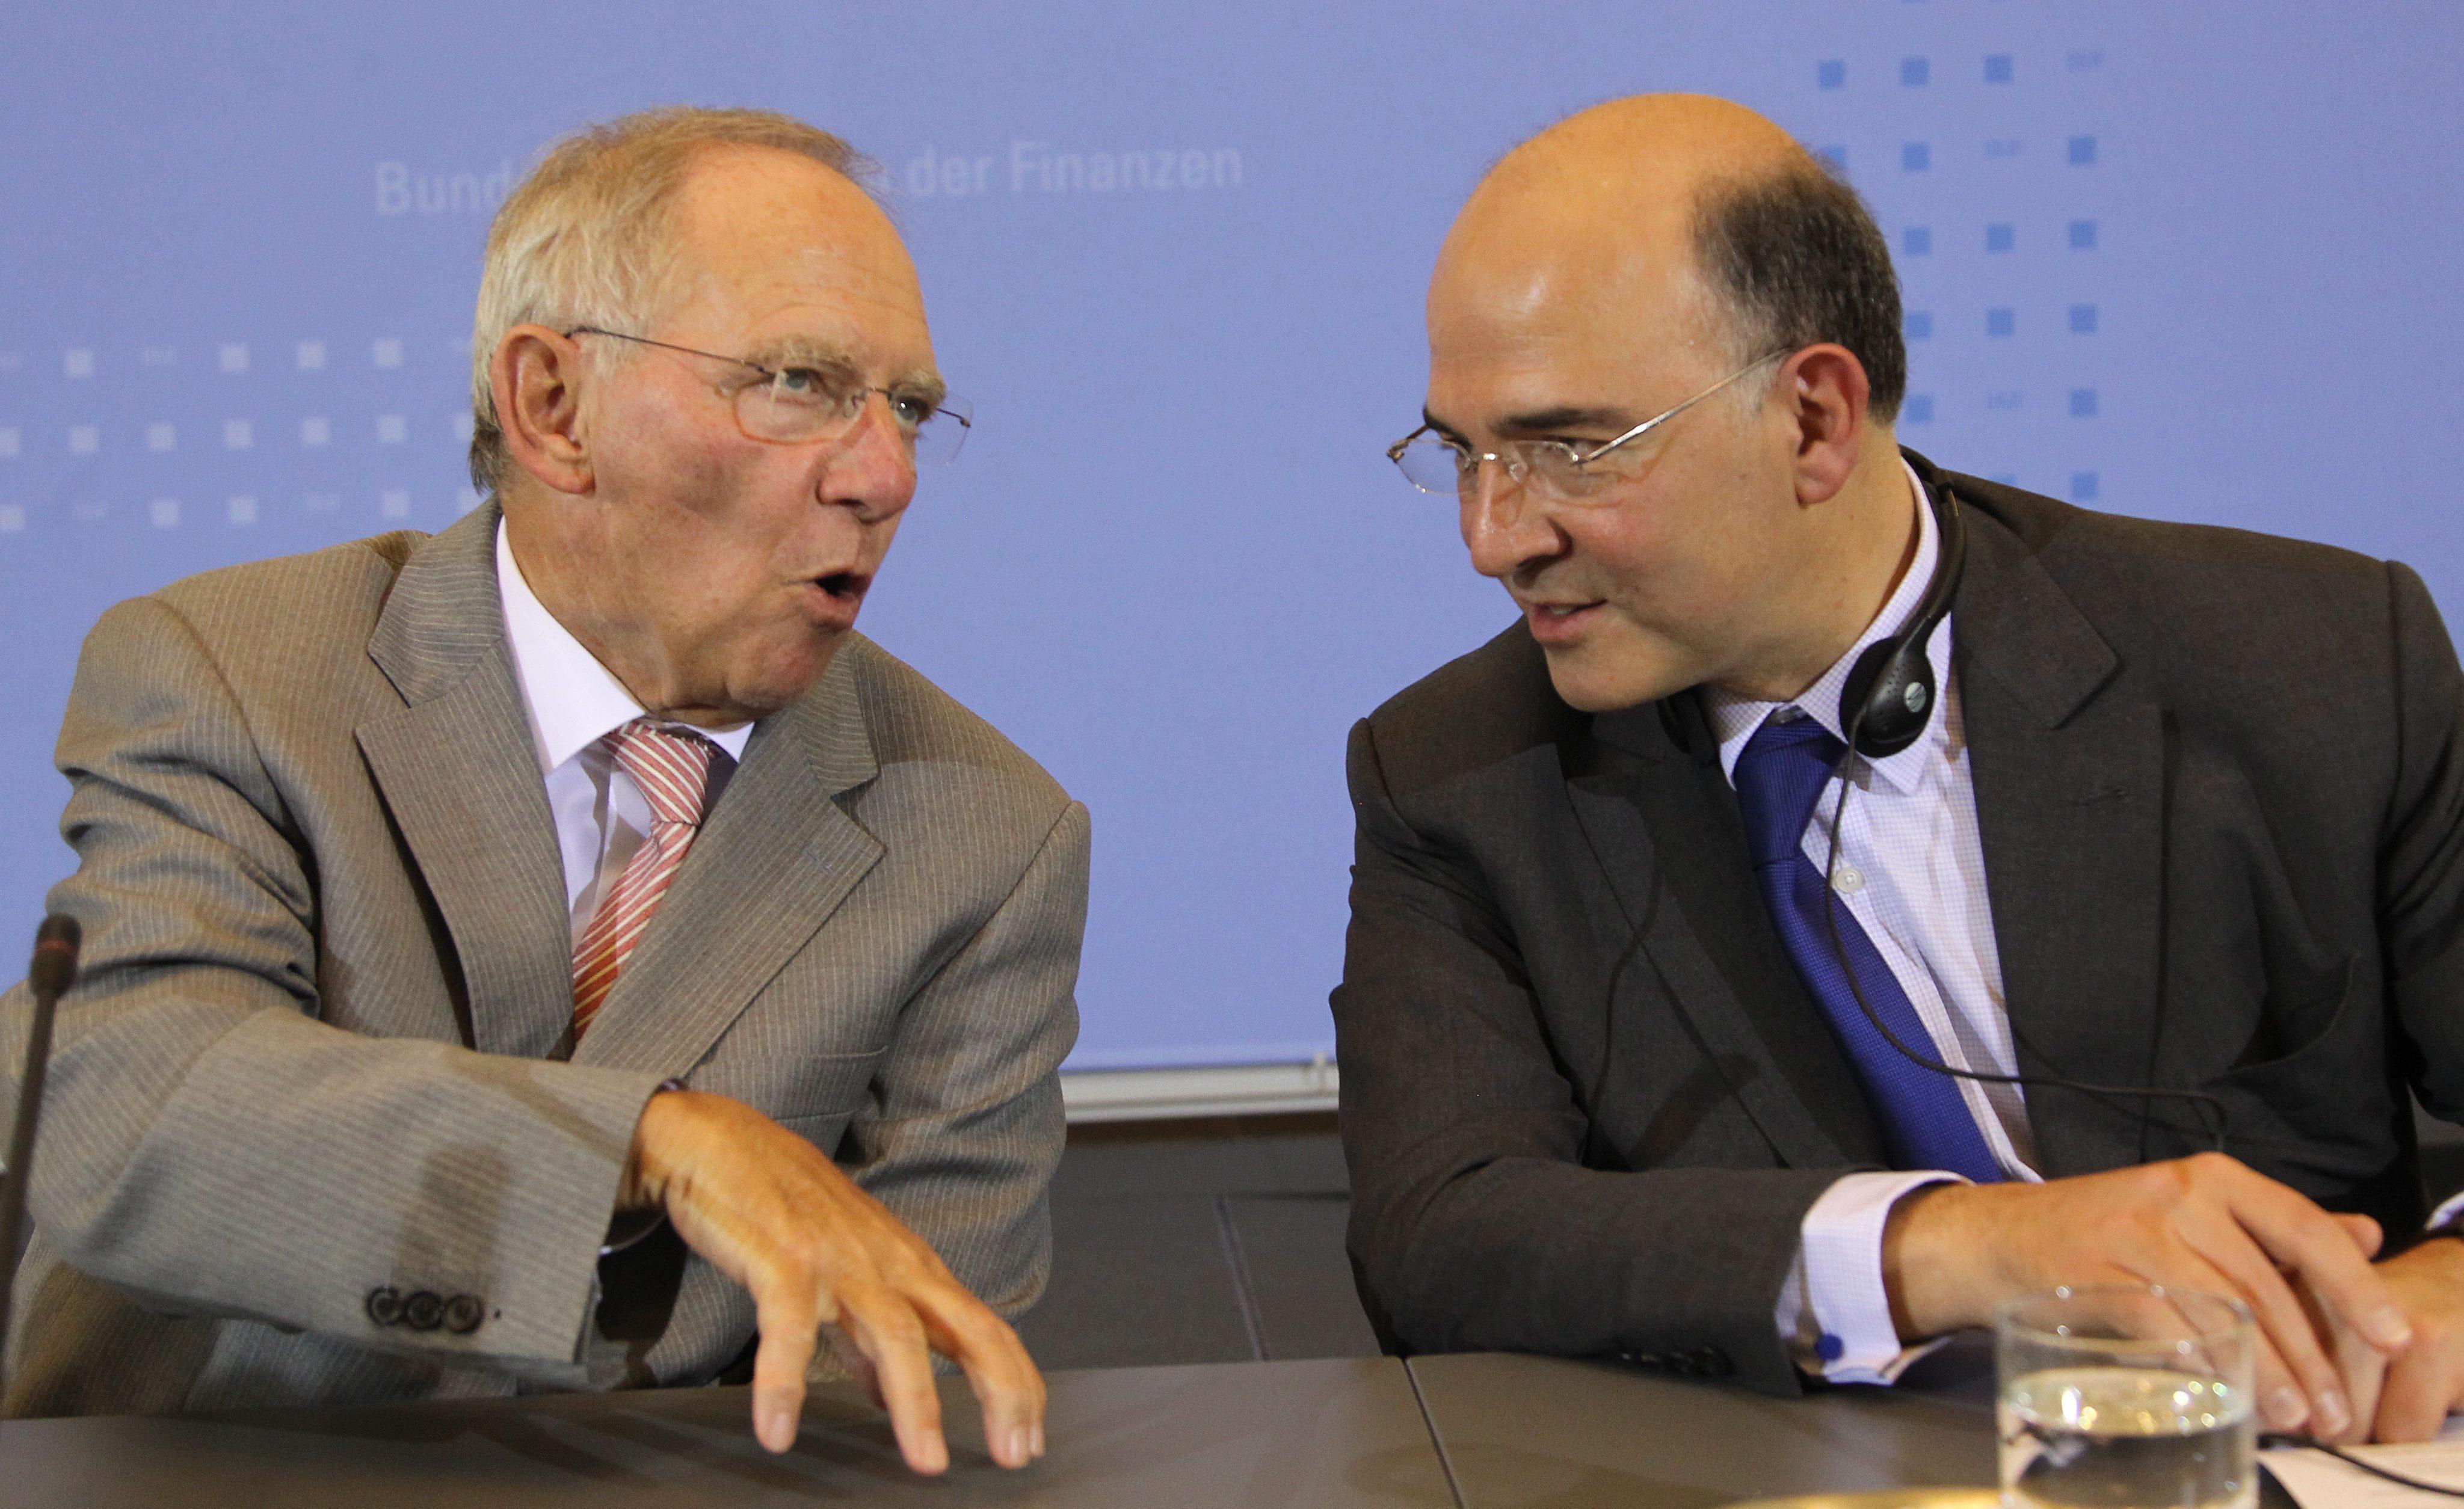 Παράταση της θητείας Γιούνκερ στην προεδρία του Eurogroup θέλει η Γαλλία | tovima.gr